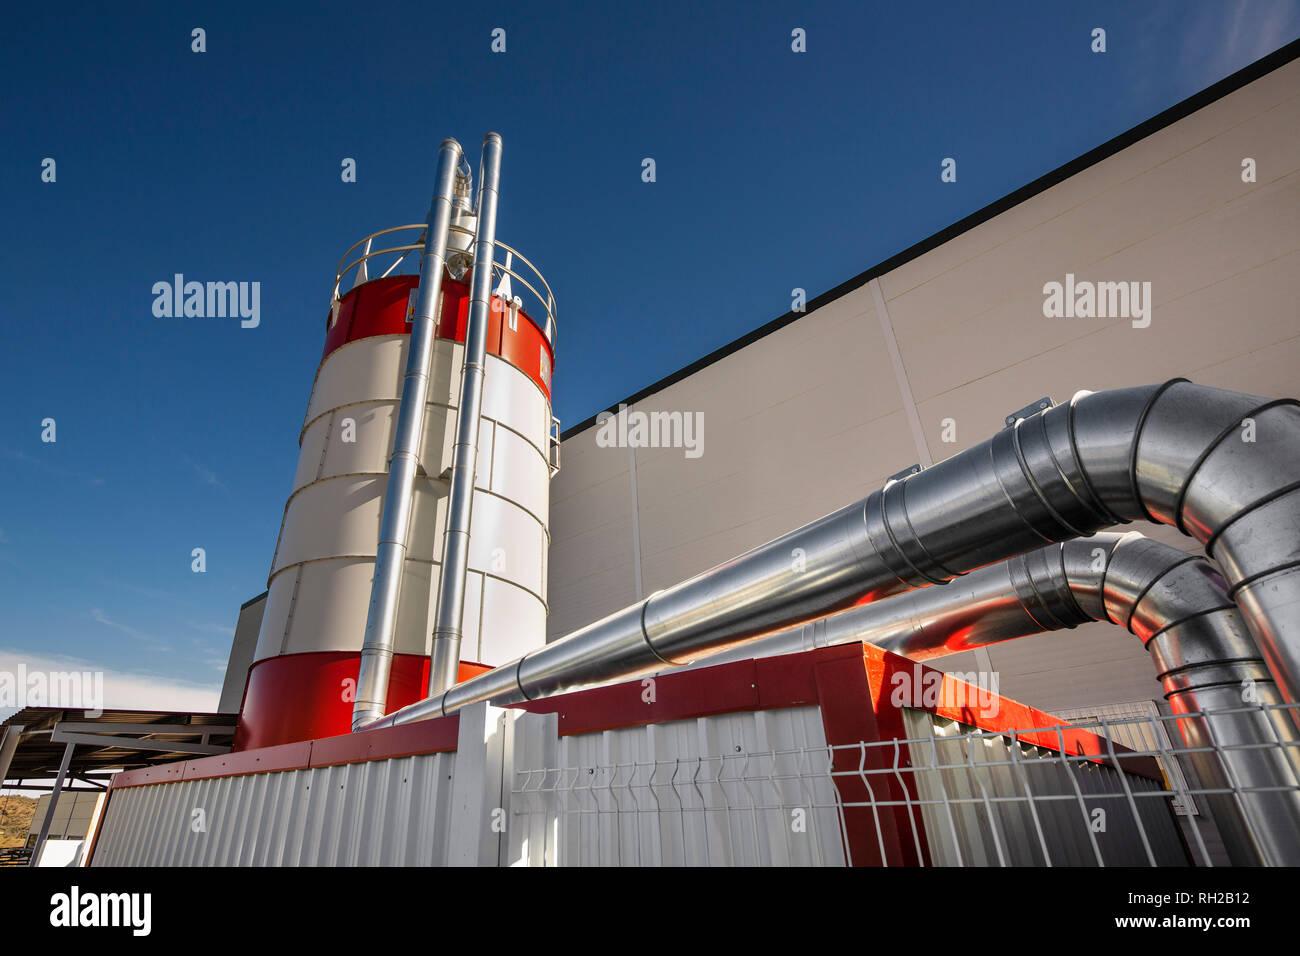 Industrielle Entstaubungsanlagen in einem holz fabrik. Monda, Provinz Malaga. Andalusien Spanien. Europa Stockbild